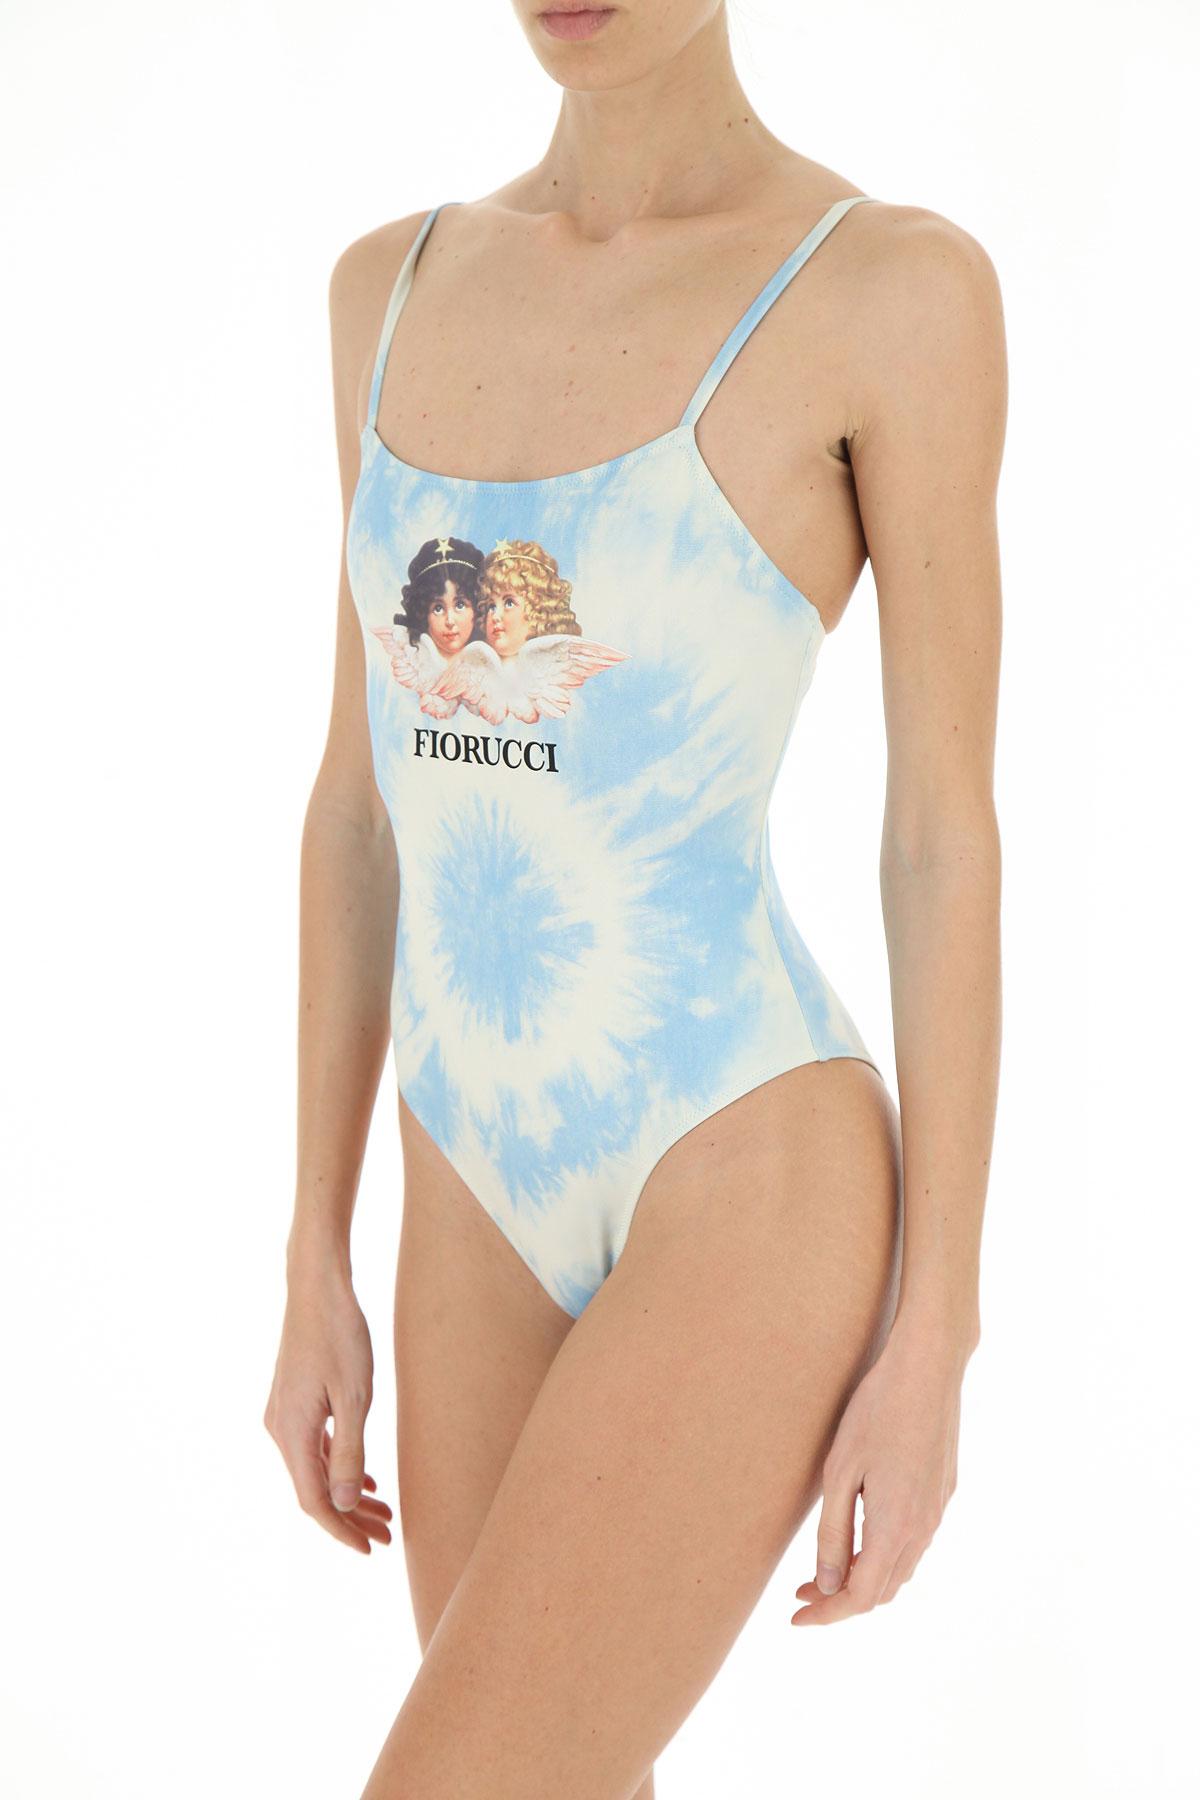 Fiorucci Swimwear Bathing Swimsuits for Women On Sale, Light Blue, polyestere, 2019, 2 4 6